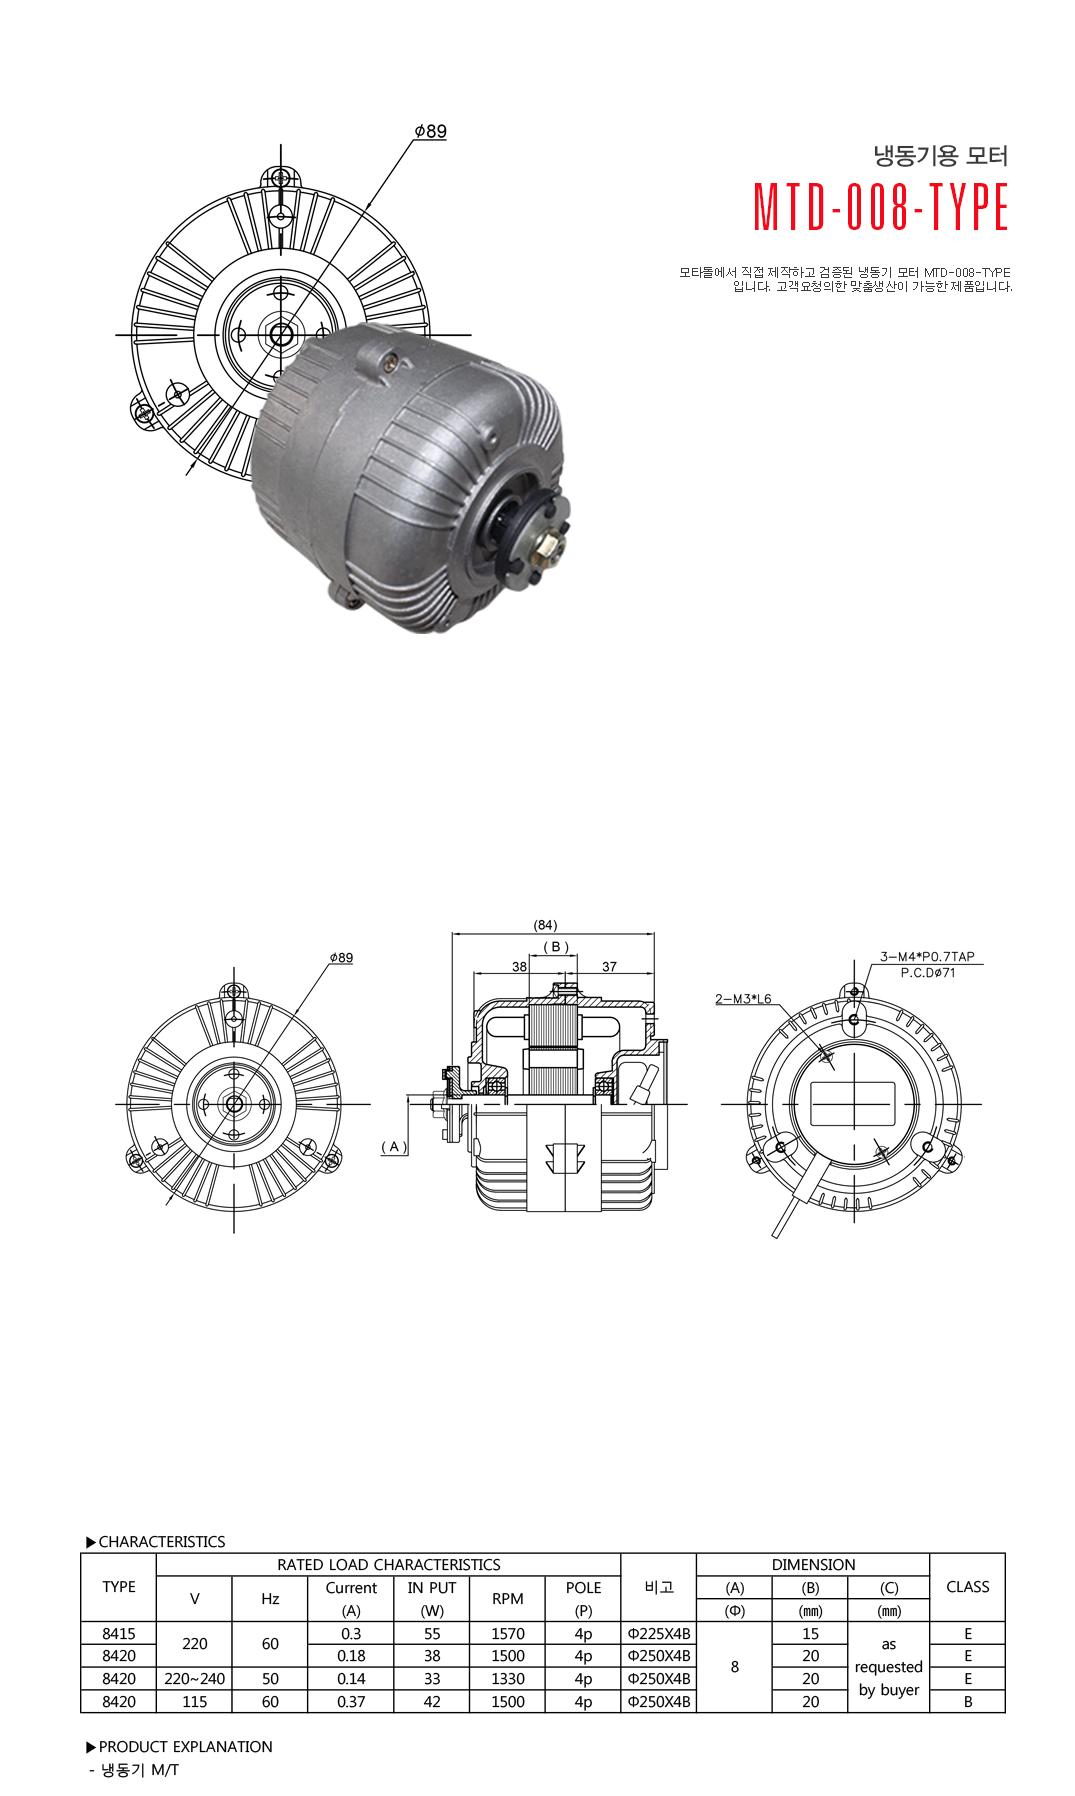 모타돌 냉동기용 모터 MTD-008 Type